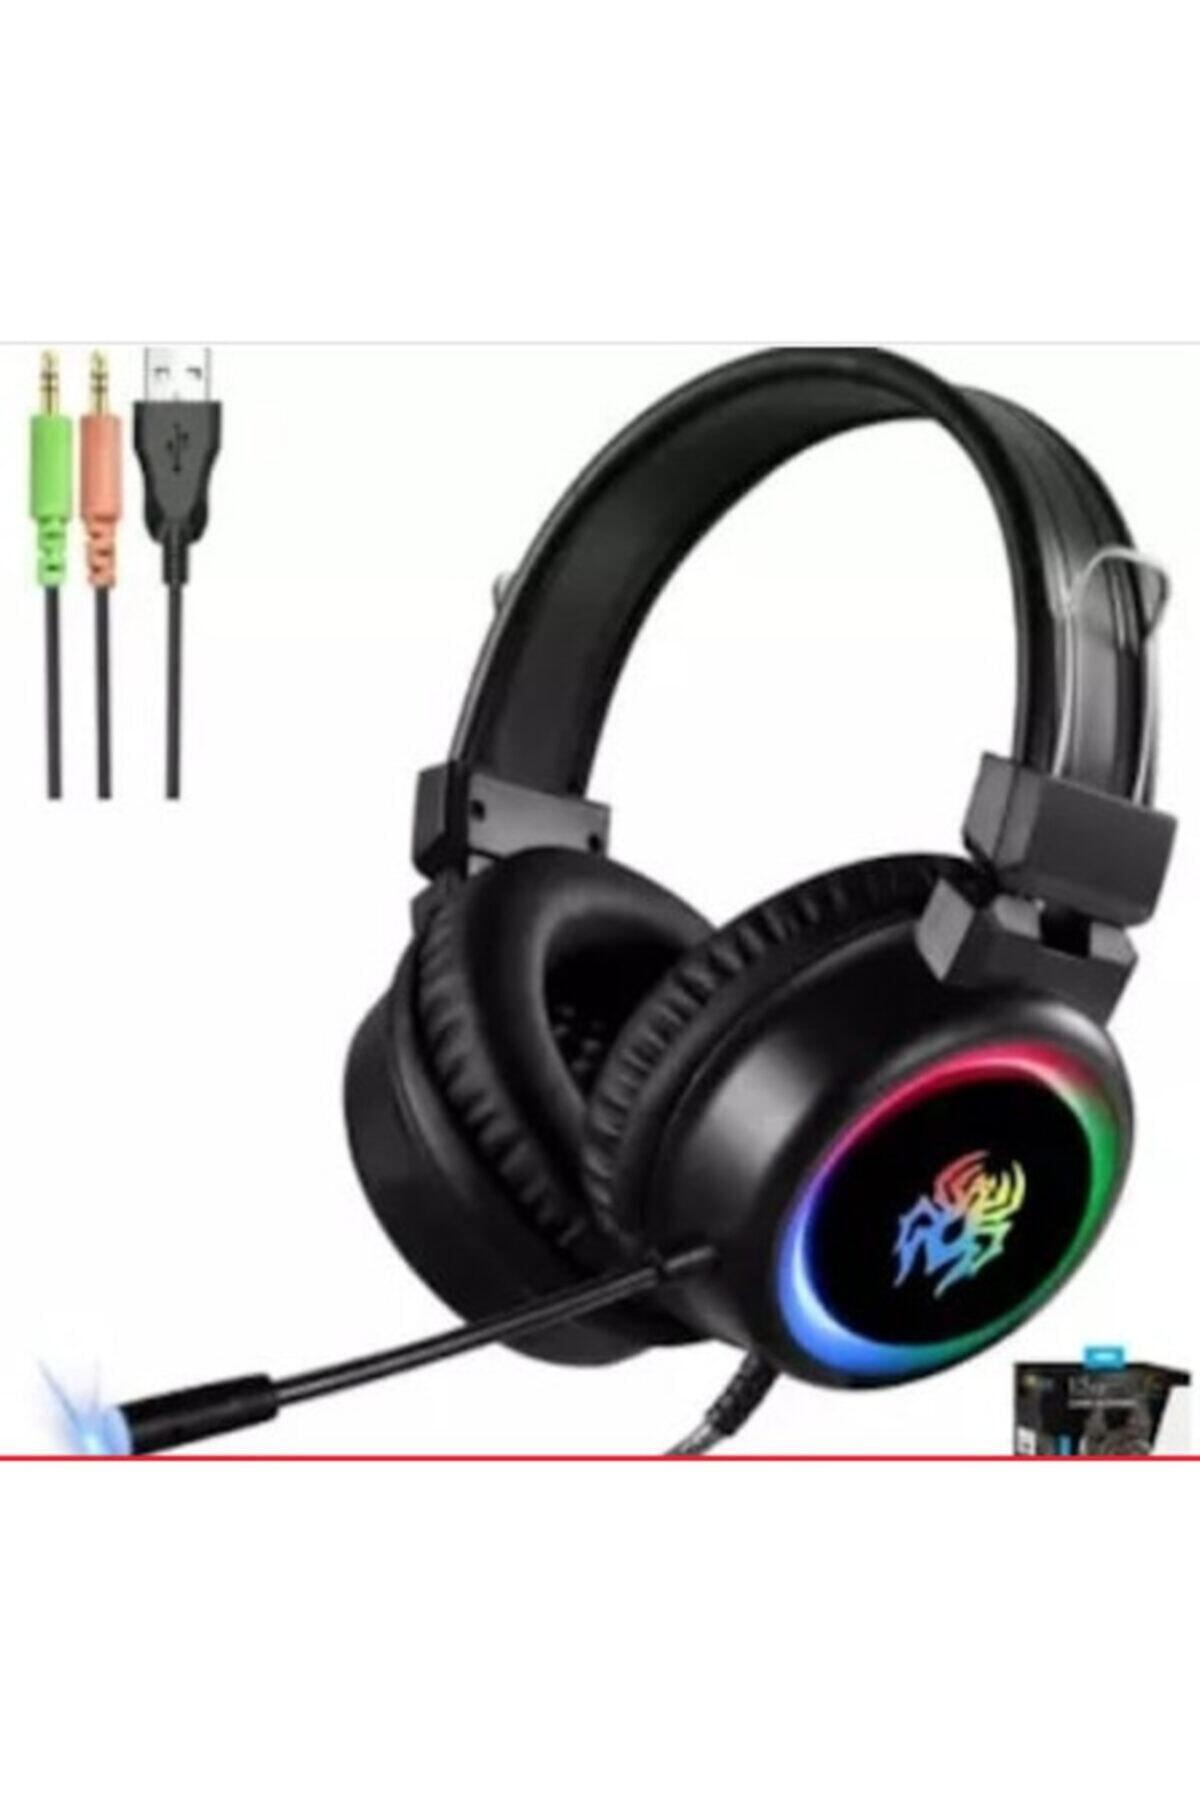 Yoro V5 Profesyonel Işıklı Oyuncu Kulaklığı USB Ve 3.5 Mm Jack Kulaklık 1